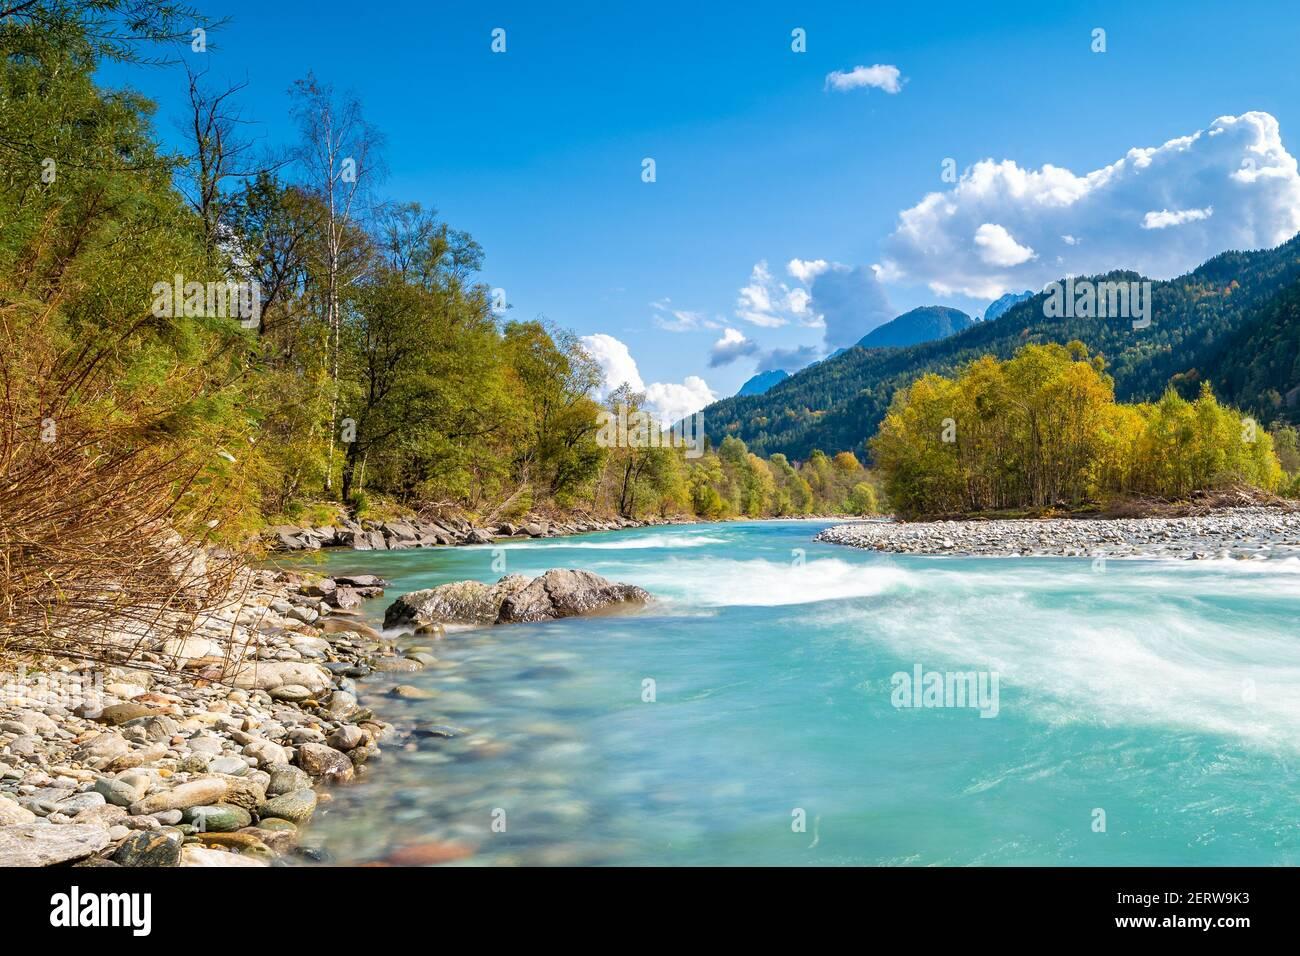 Alpin River Isel dans le Tyrol de l'est de l'Autriche Banque D'Images